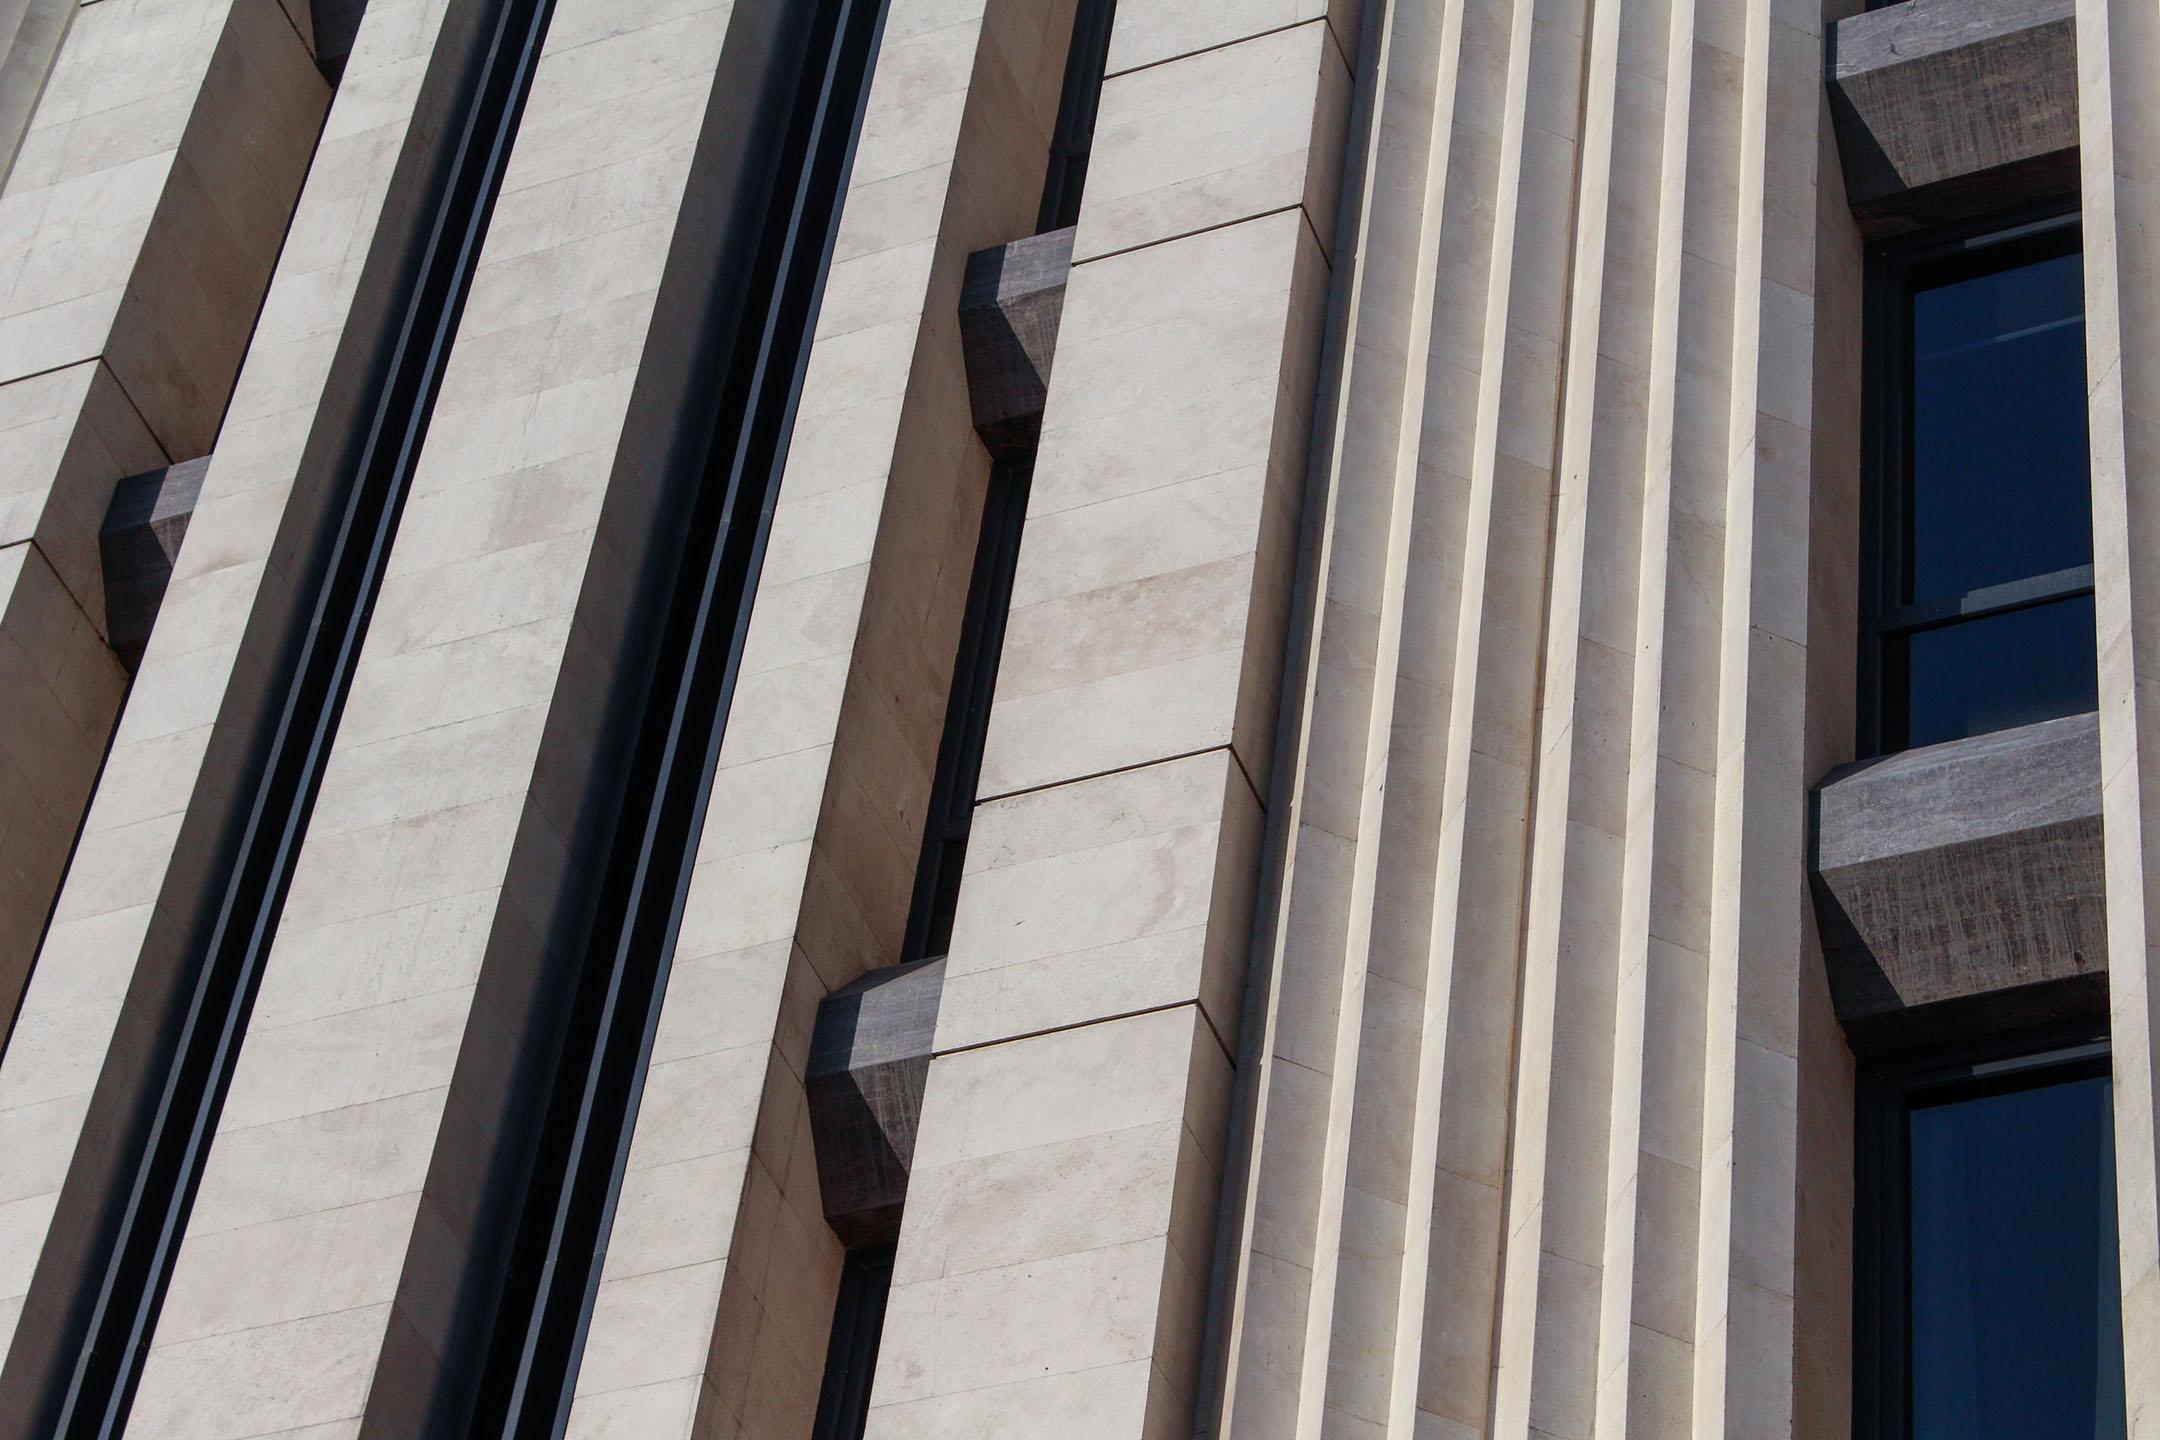 HOOR OFFICE BUILDING